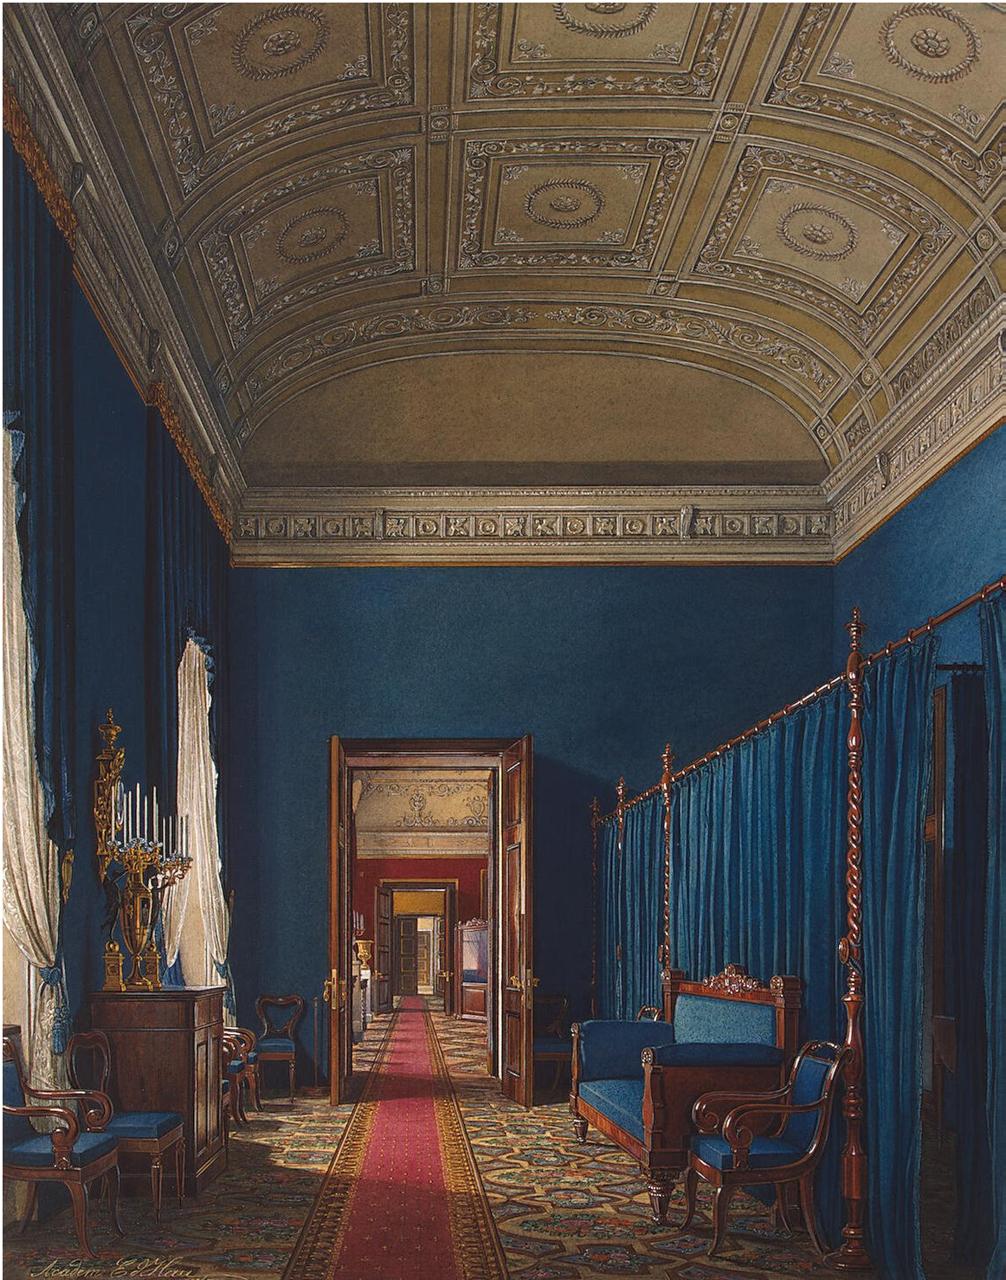 Интерьеры Зимнего дворца. Гардеробная комната герцога М. Лейхтенбергского